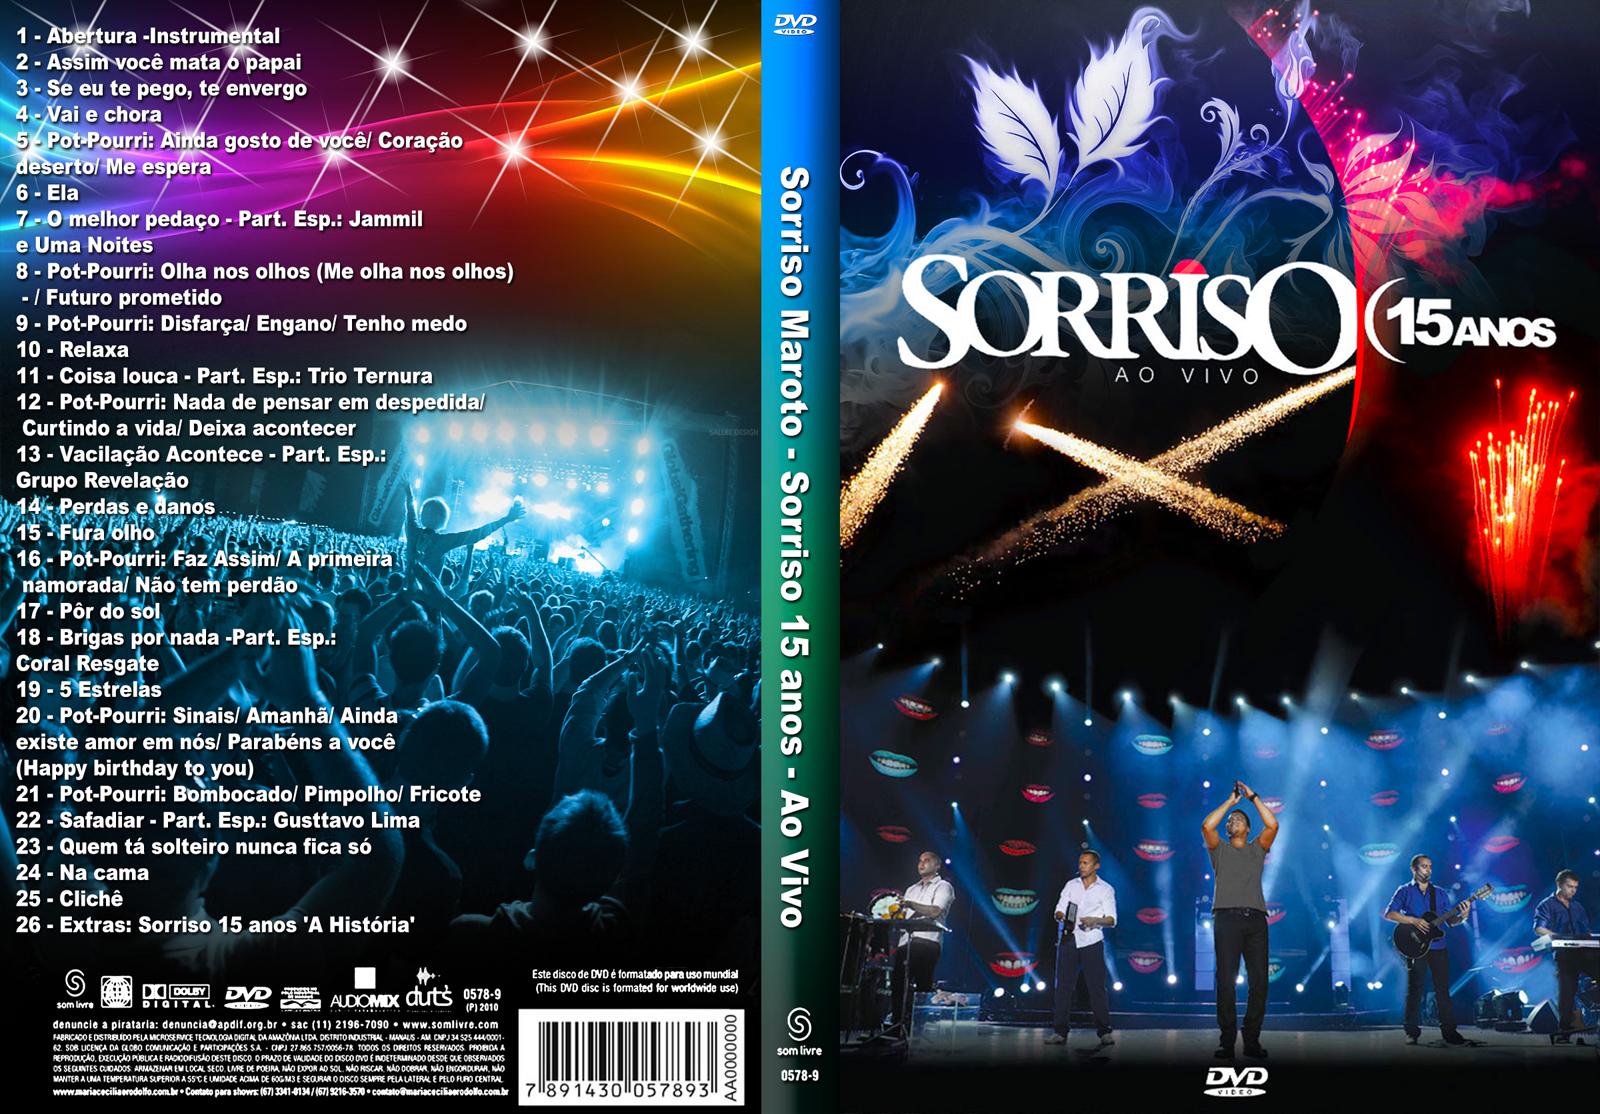 Dvd sorriso maroto por você ao vivo (2005) download pagodes.